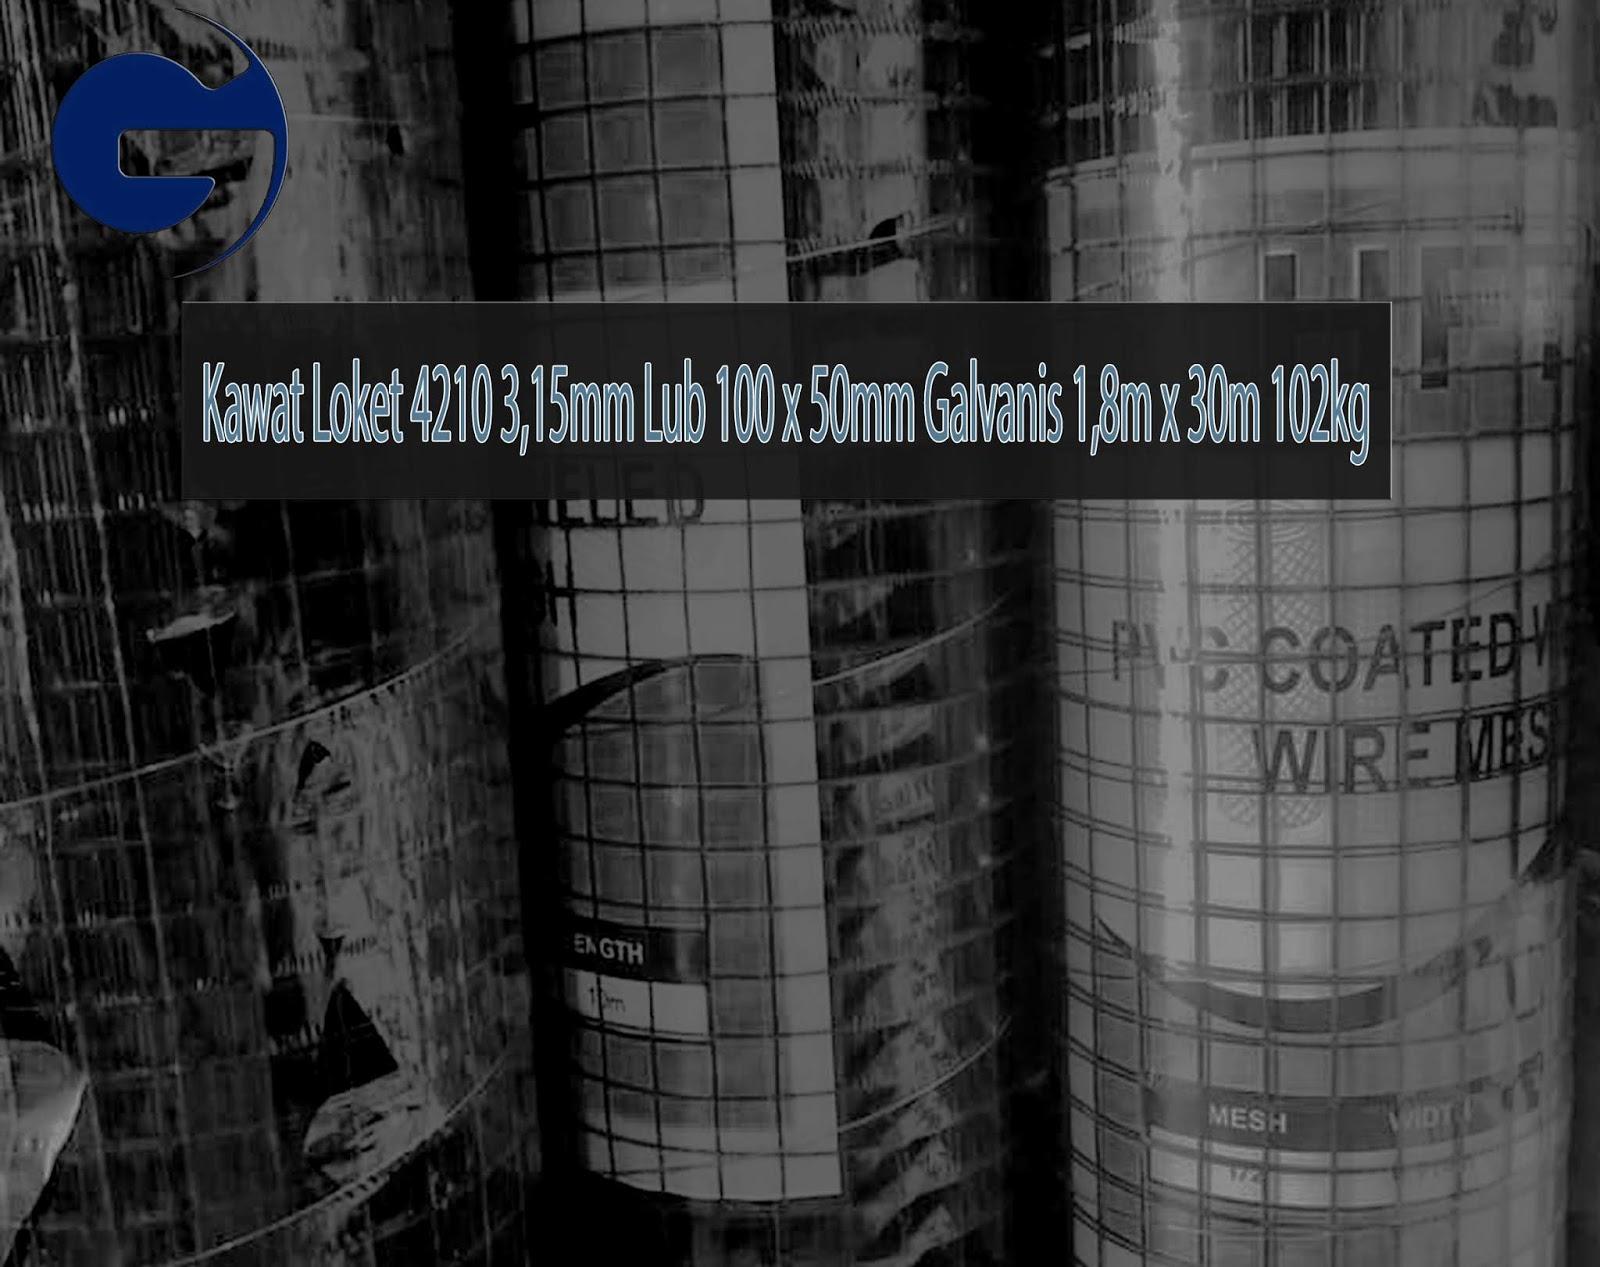 Jual Kawat Loket 4210 3,15mm Lub 100 x 50mm Galvanis 1,8m x 30m 102kg